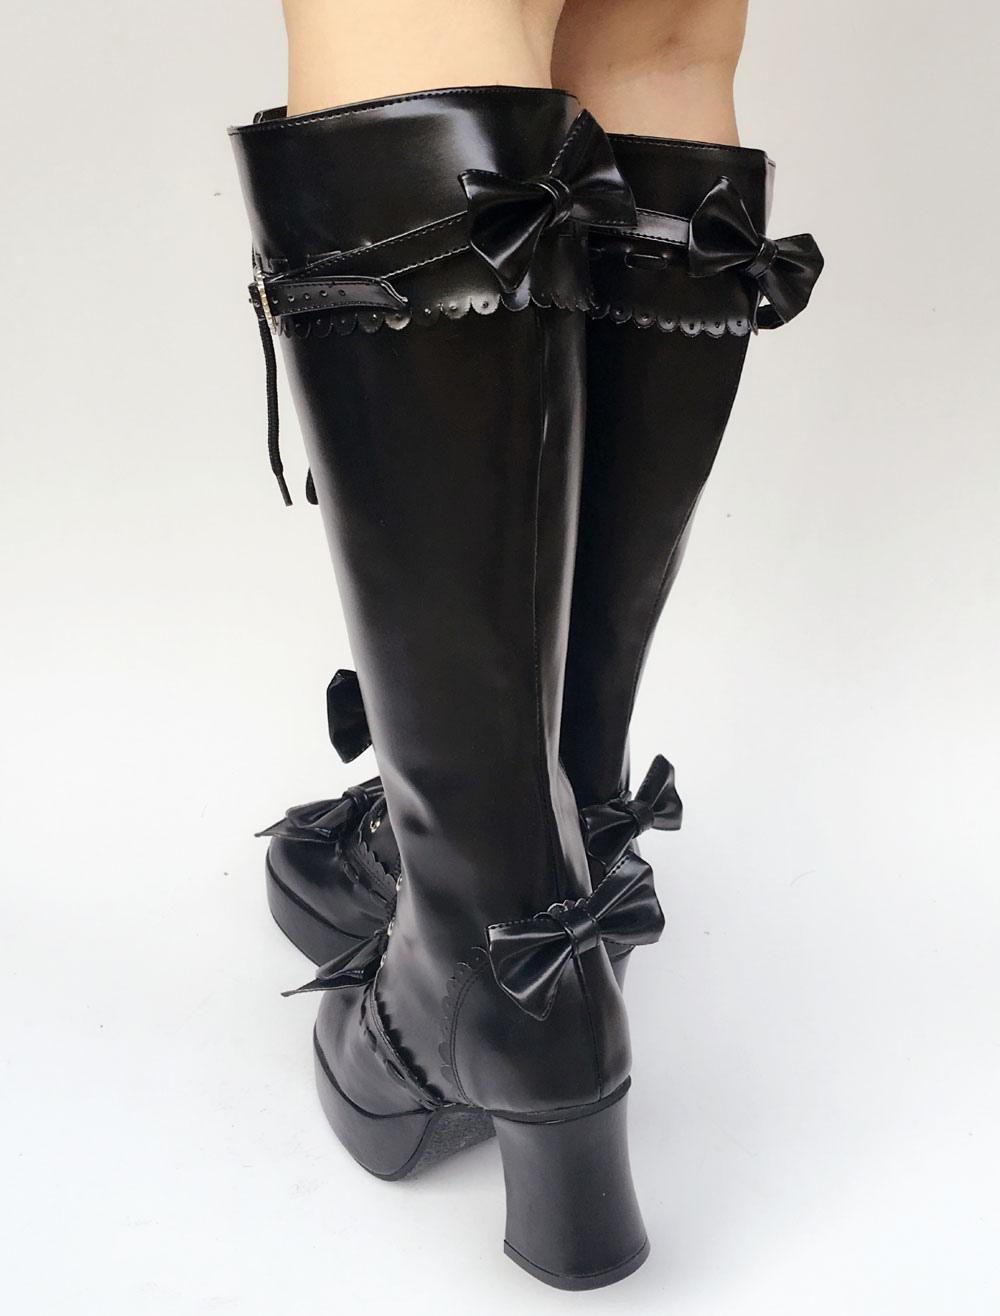 fcc521e197 ... Lolitashow Lolita preto botas joelho salto alto grossas rendas até  plataforma fivela Lolita botas de cano